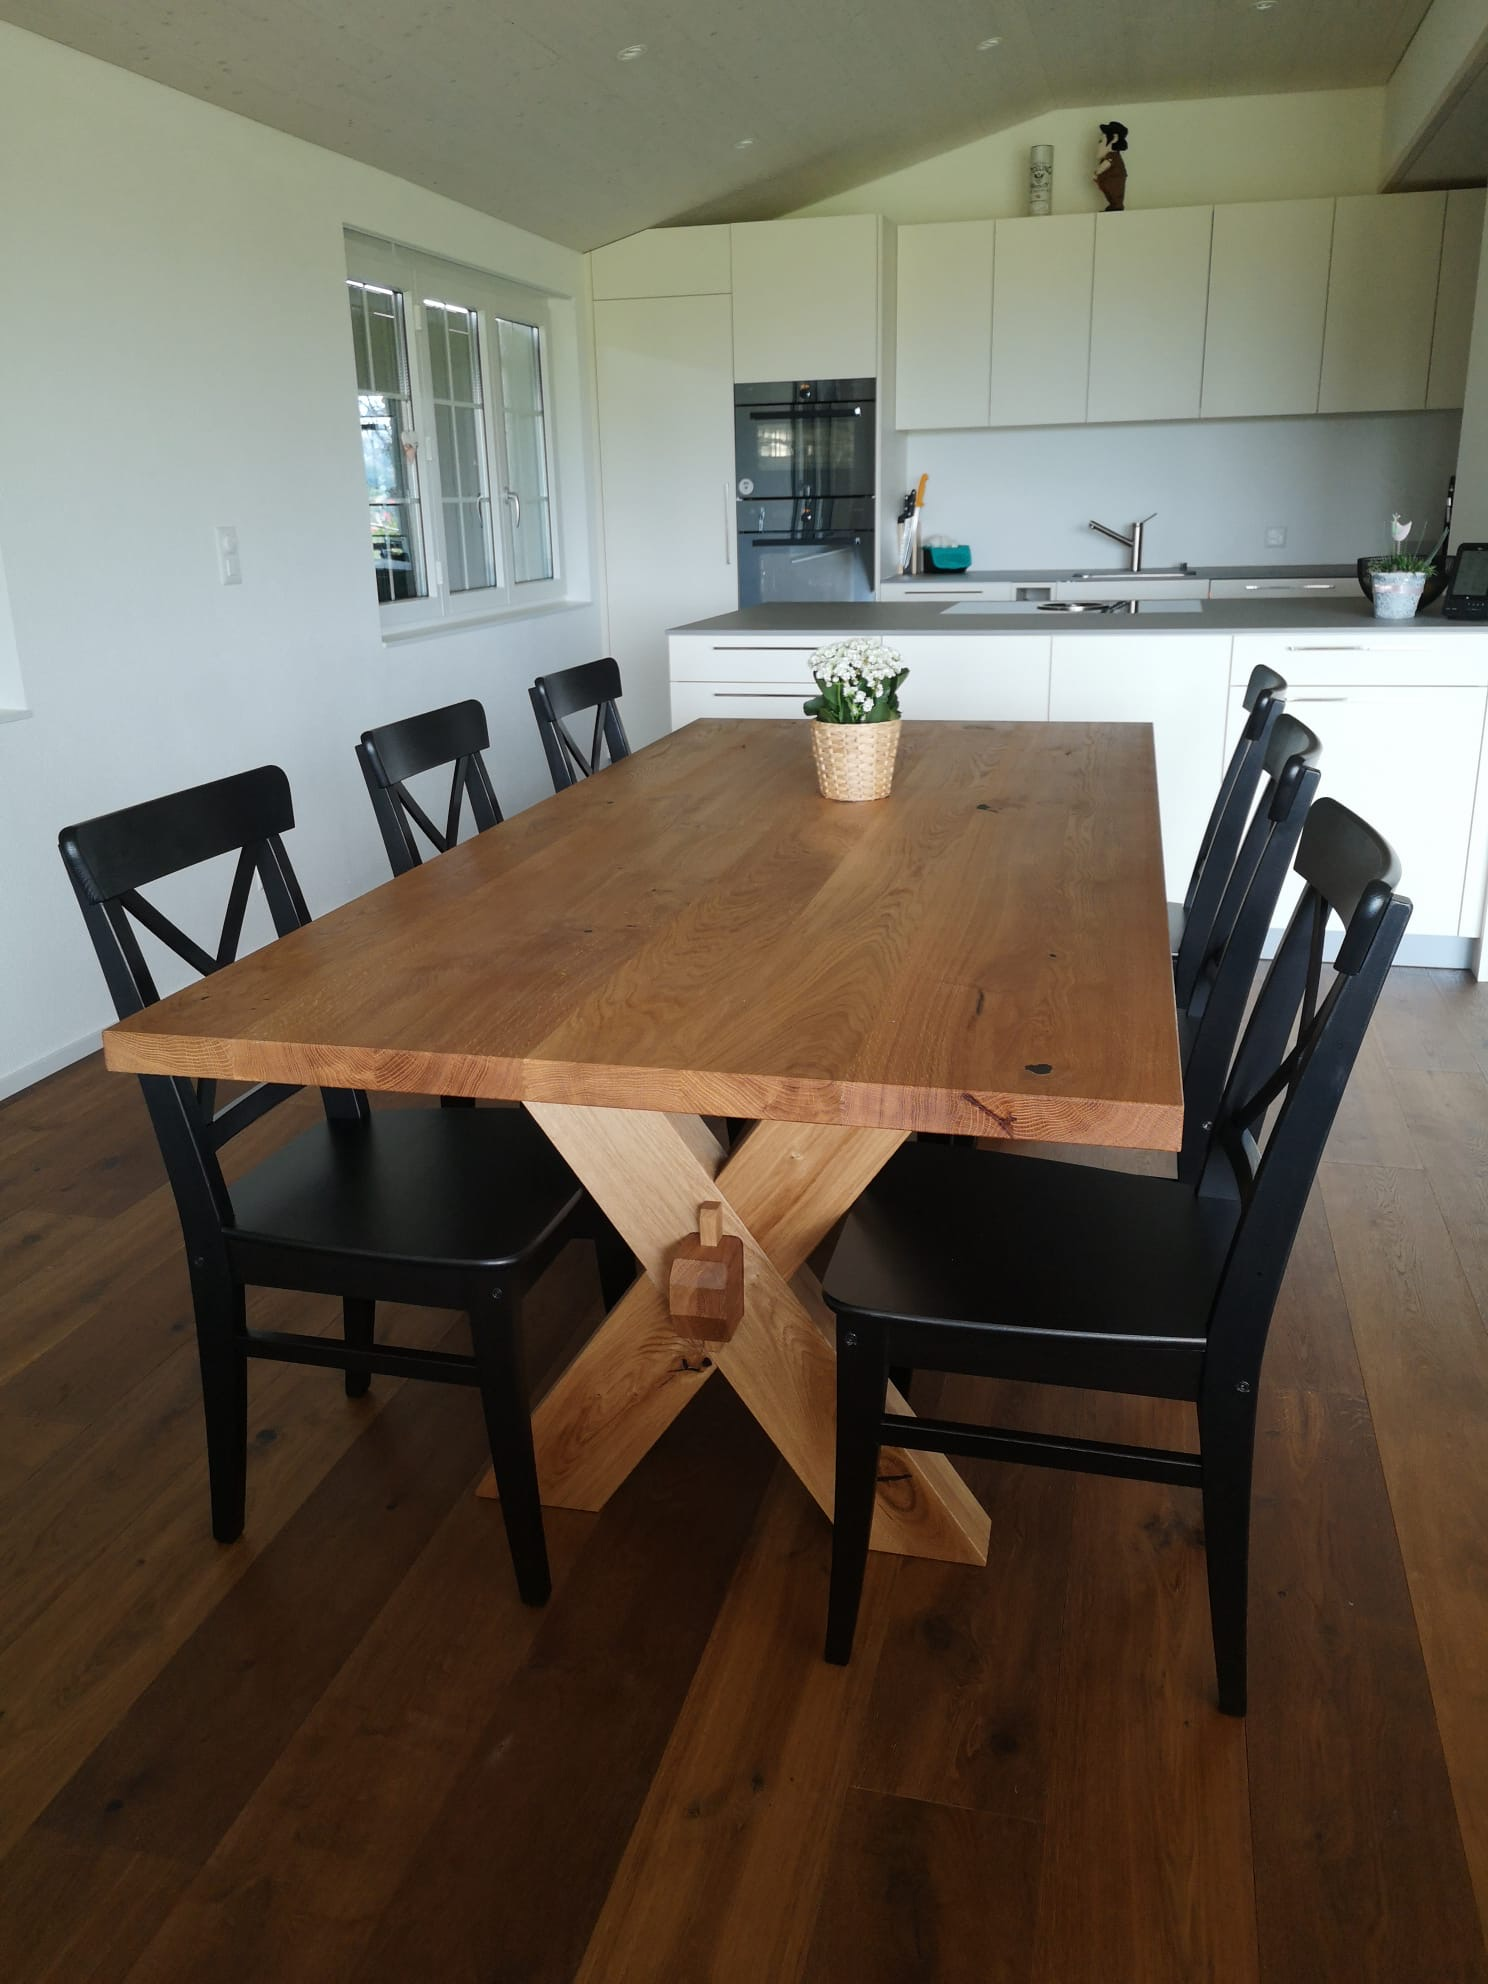 Tisch Eiche rustikal, schwarz gespachtelt, gebürstet & geölt